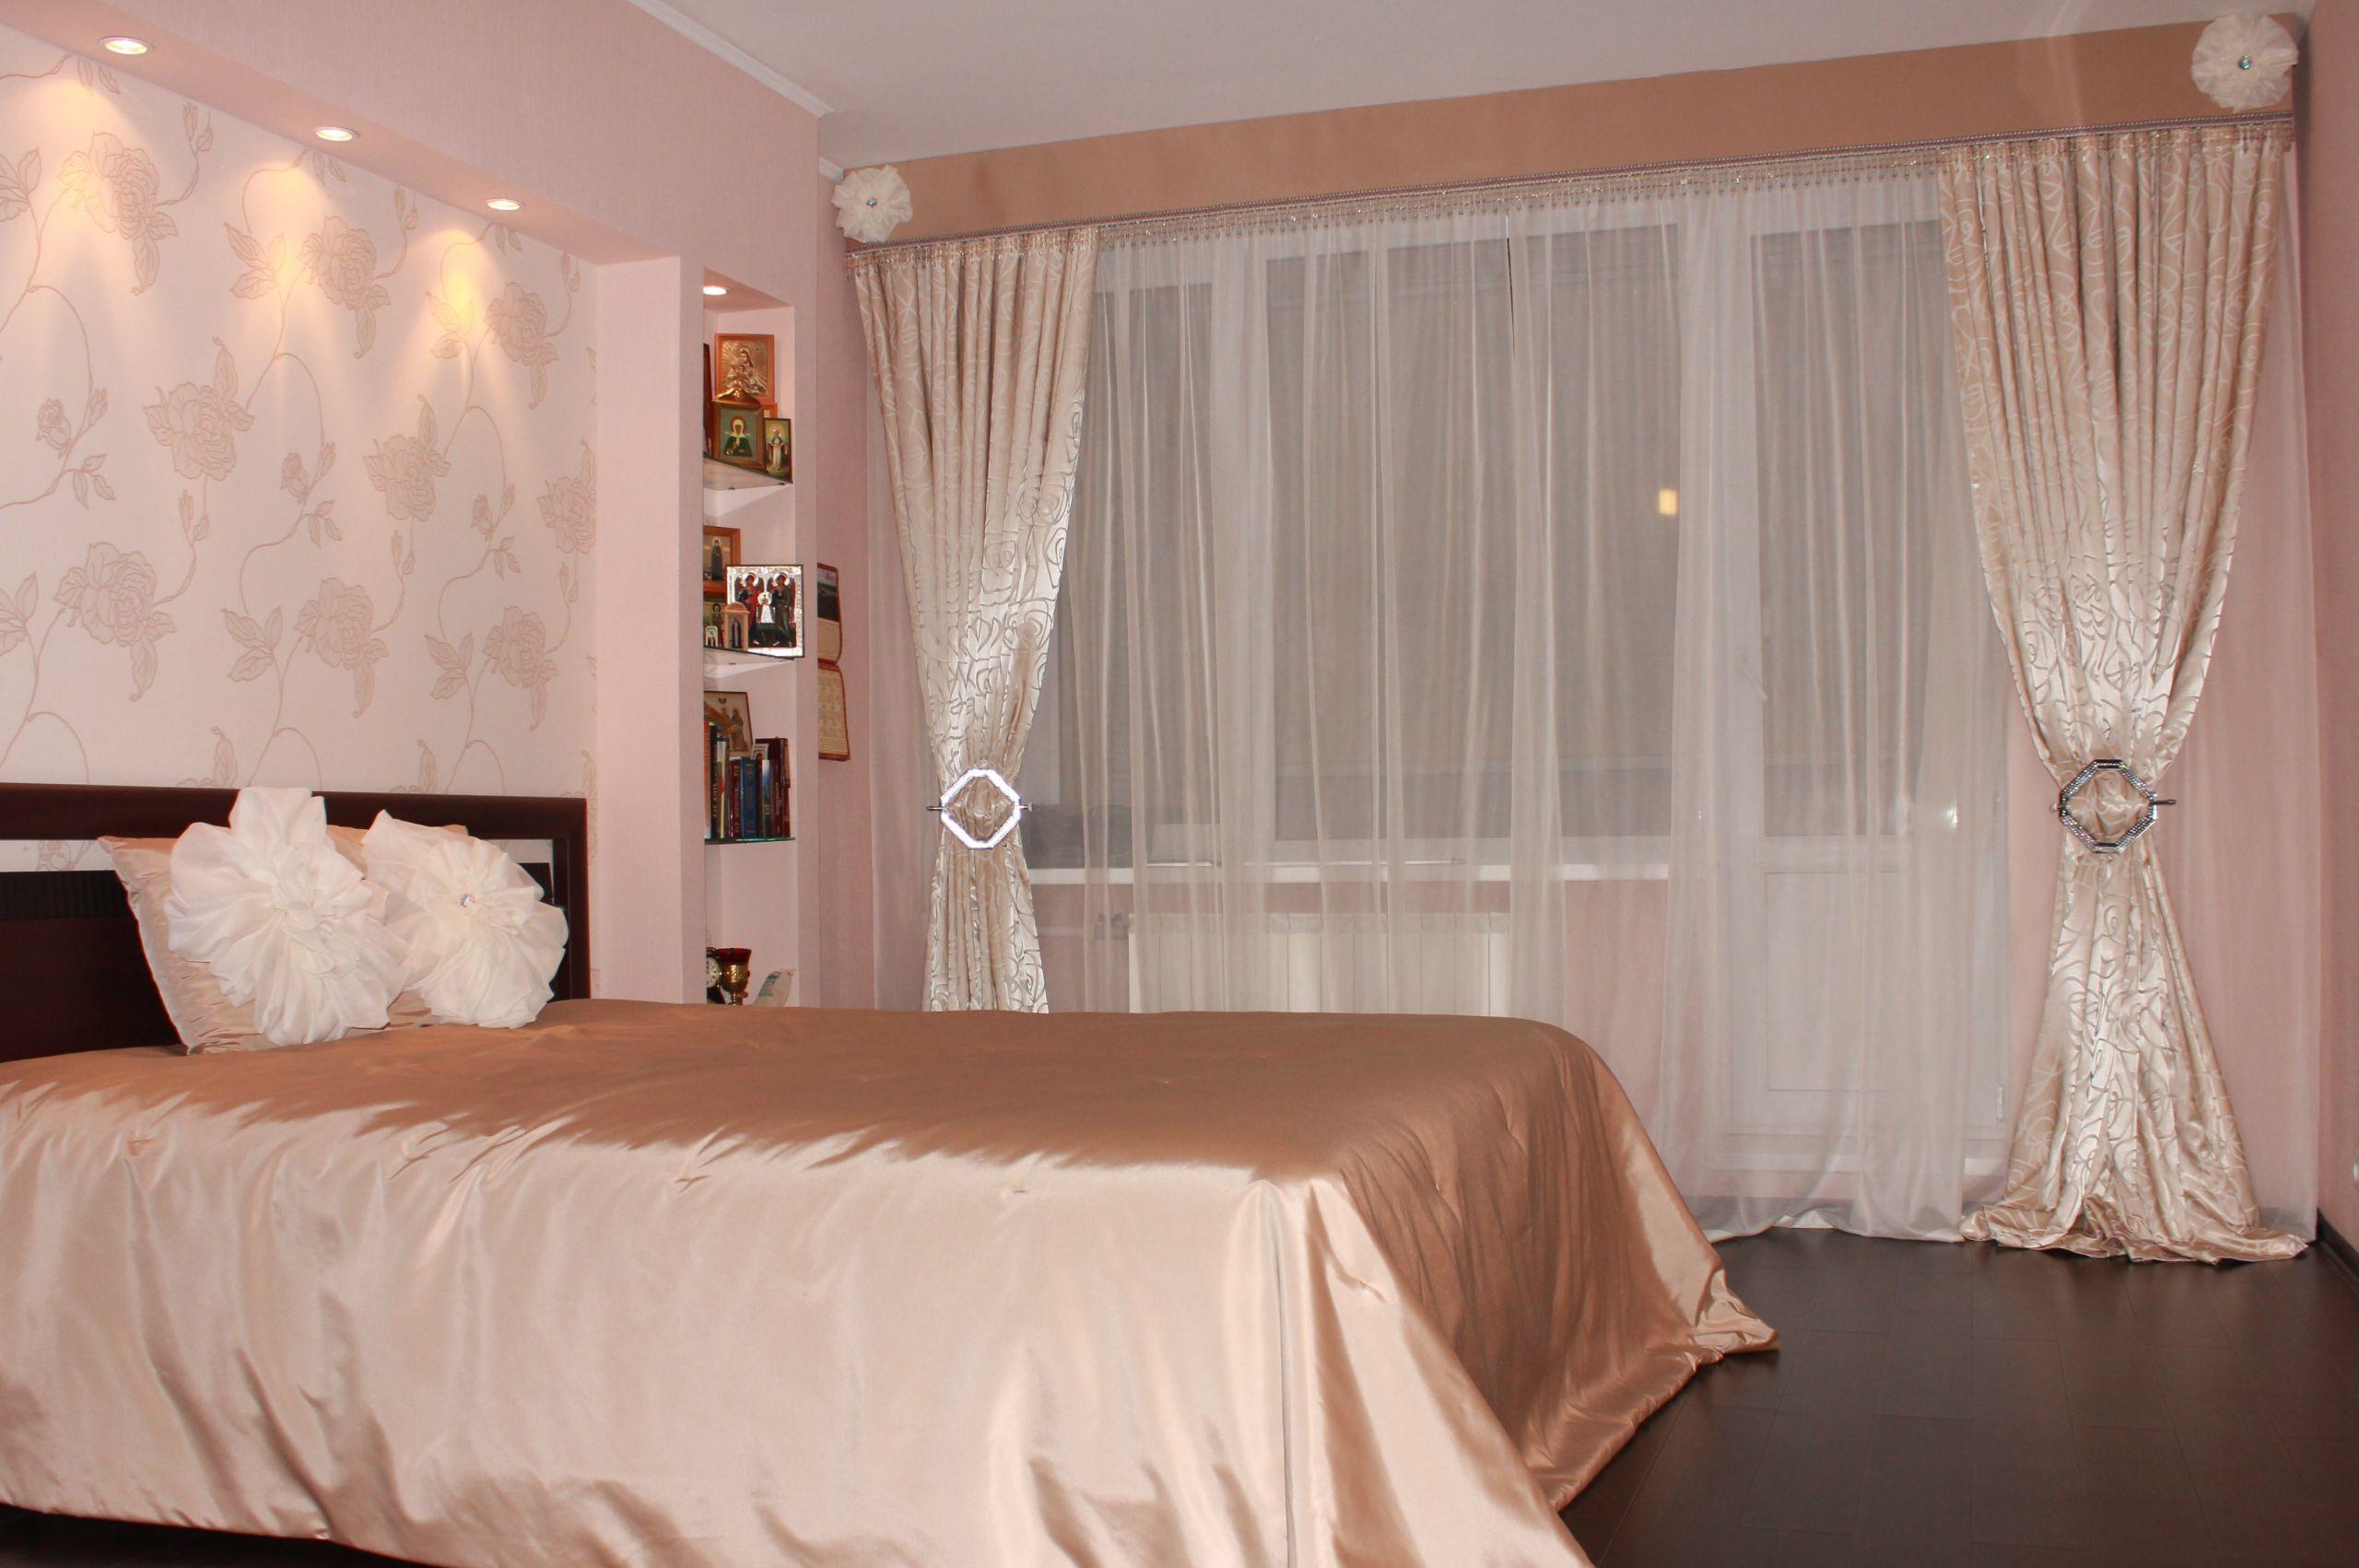 Шторы в спальню с балконом: стиль оформления и цветовые отте.